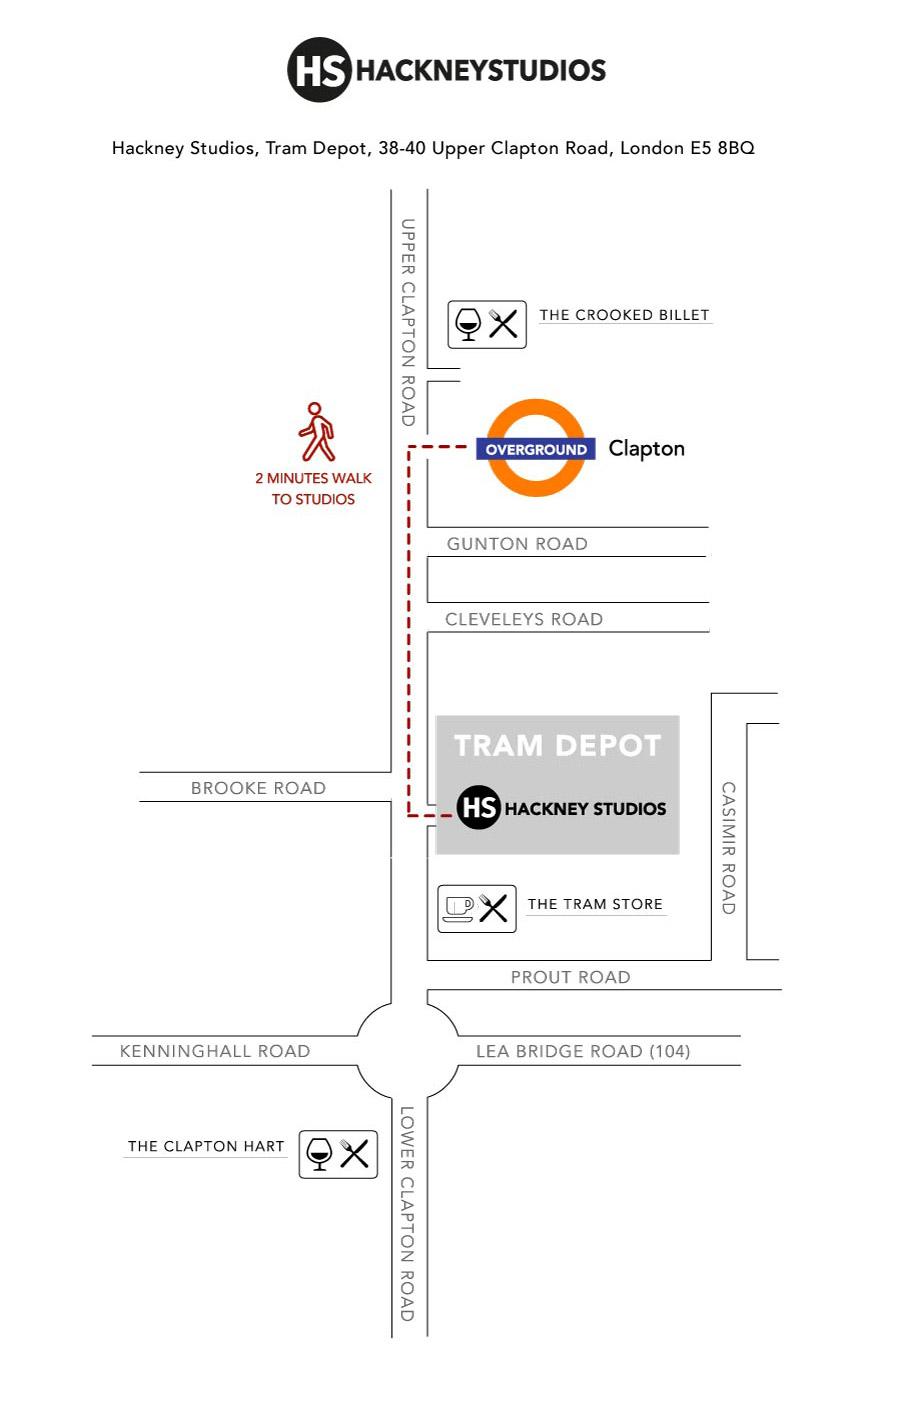 hackney_studios_map-3